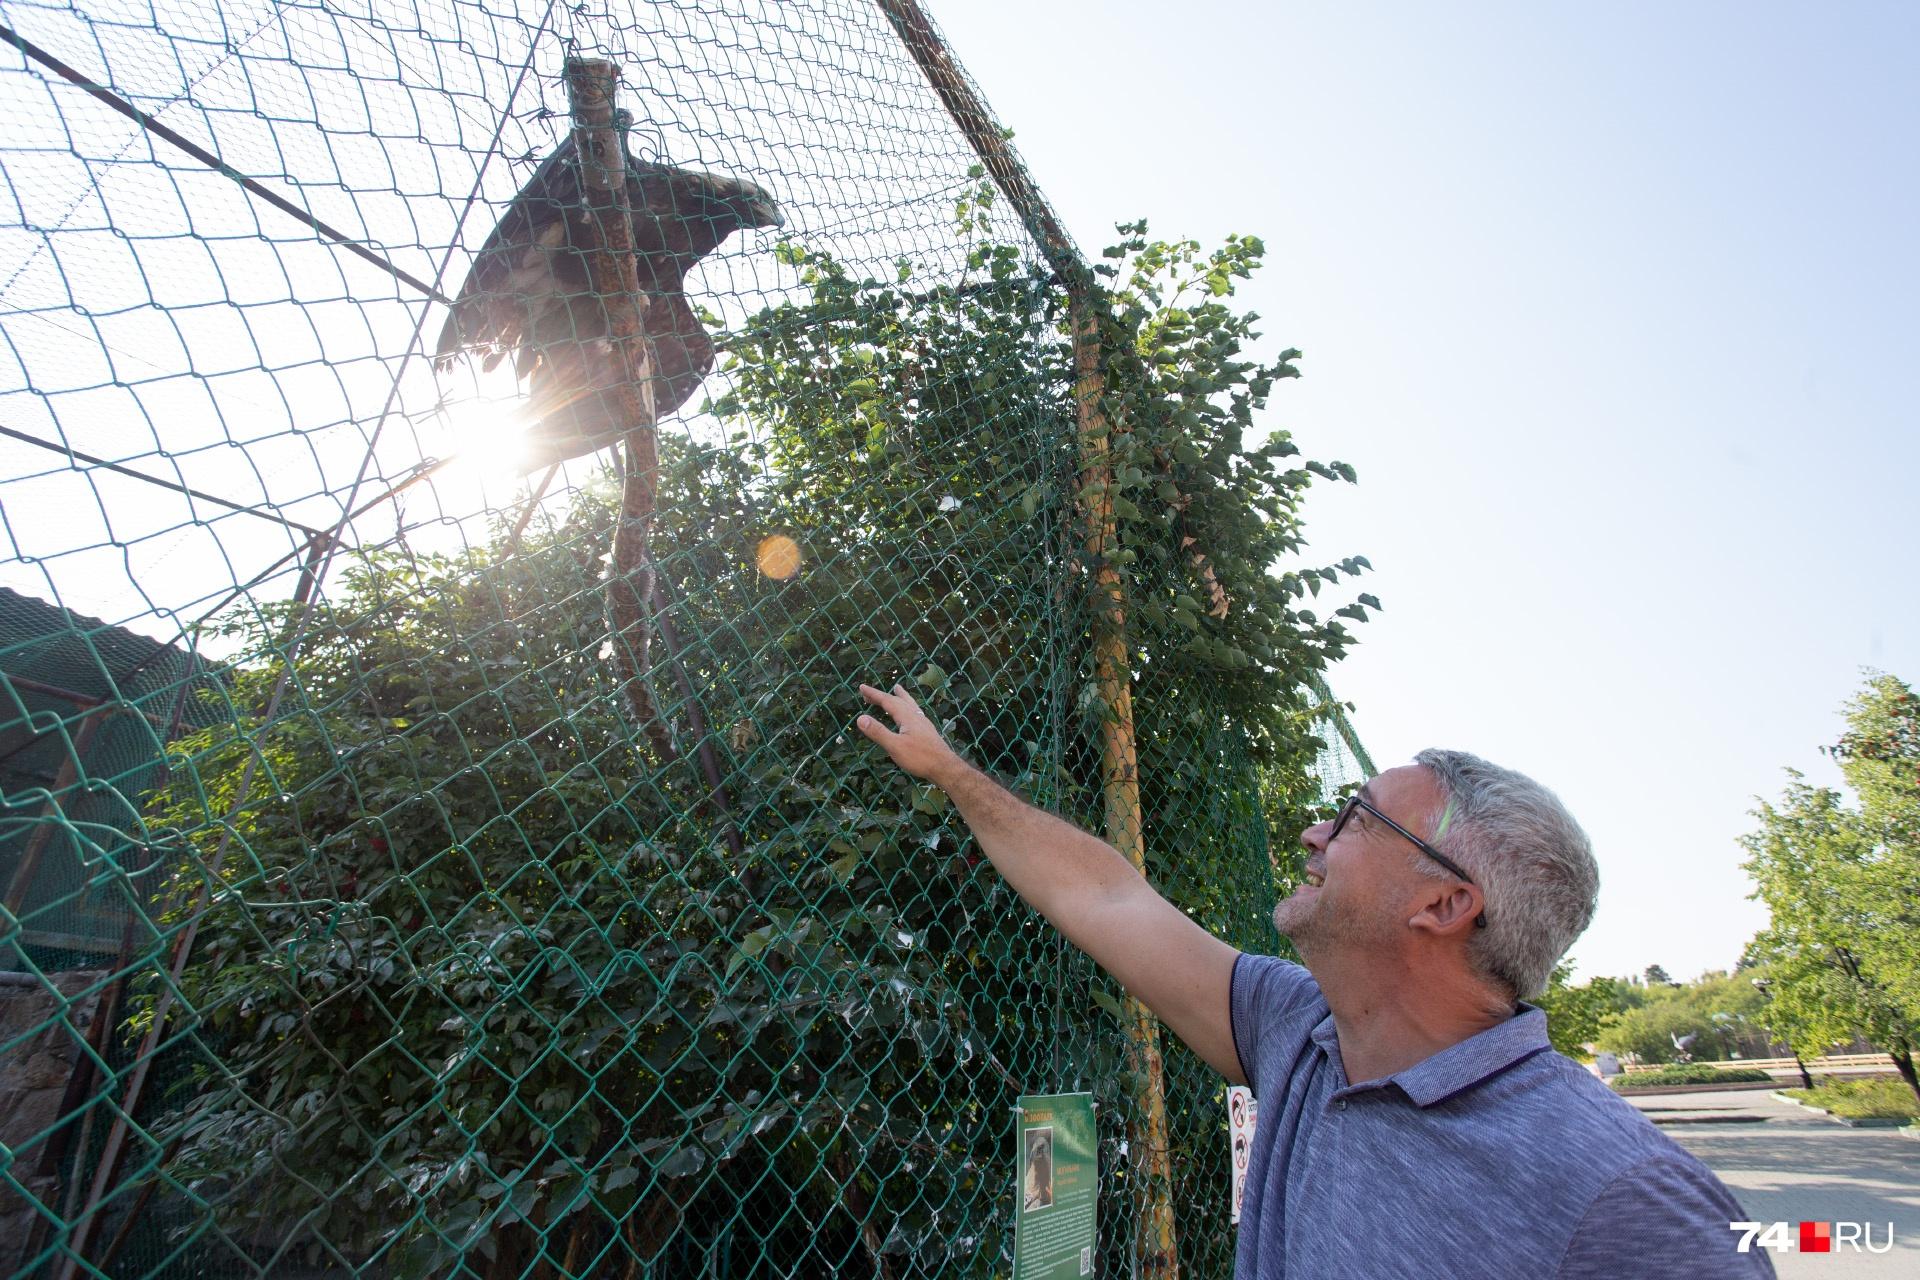 Идеи для развития зоопарка Юрий Леончик подсмотрел у зарубежных коллег